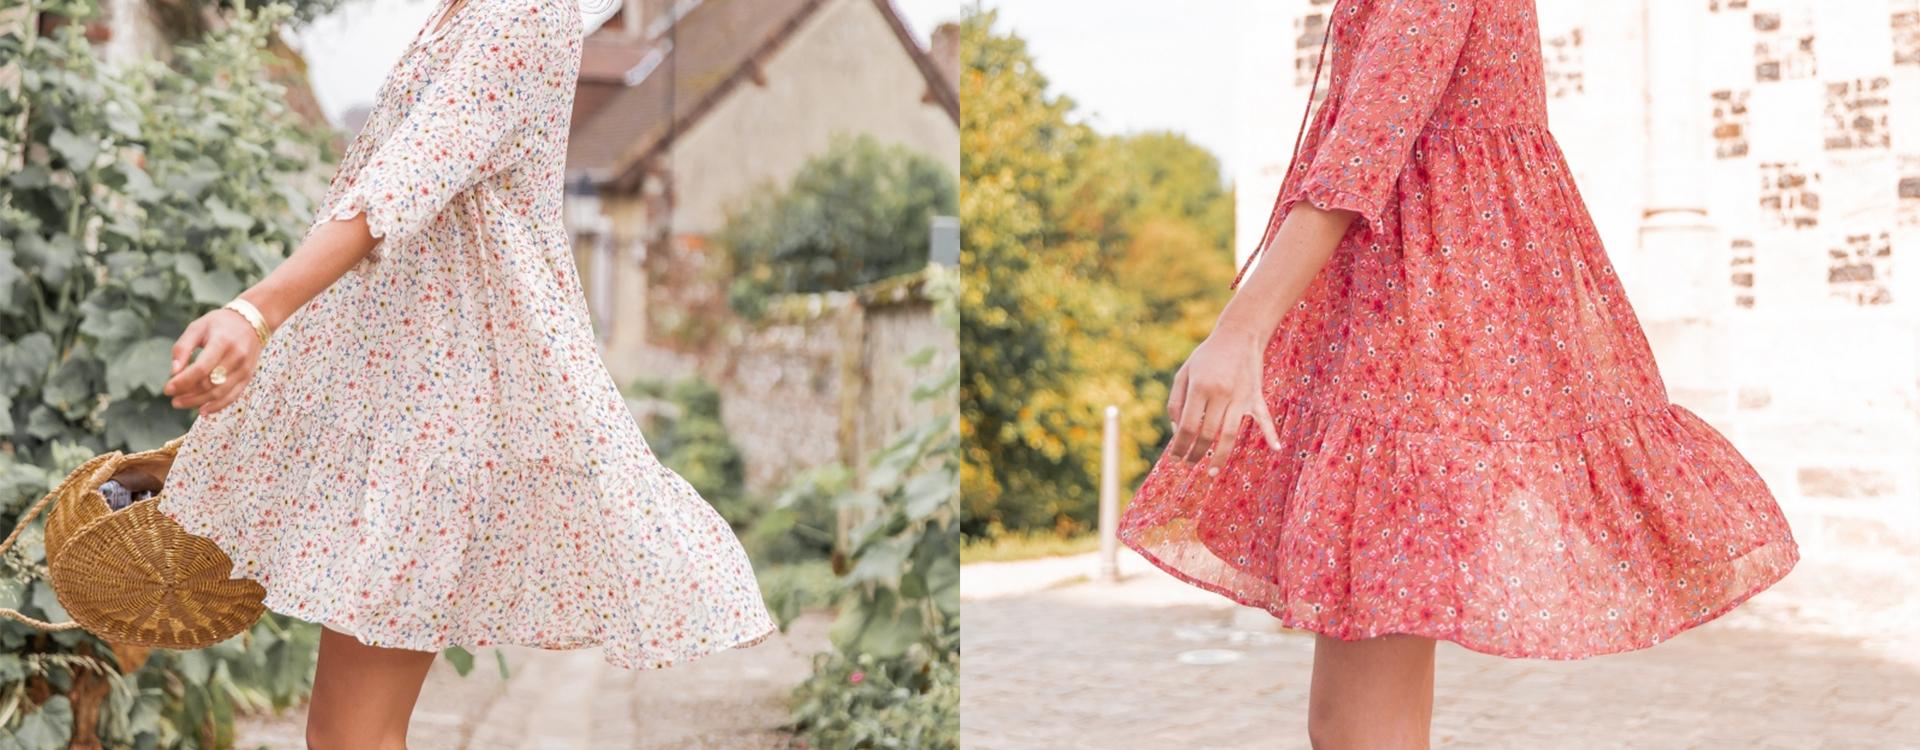 Nos robes d'été pour un look bohème